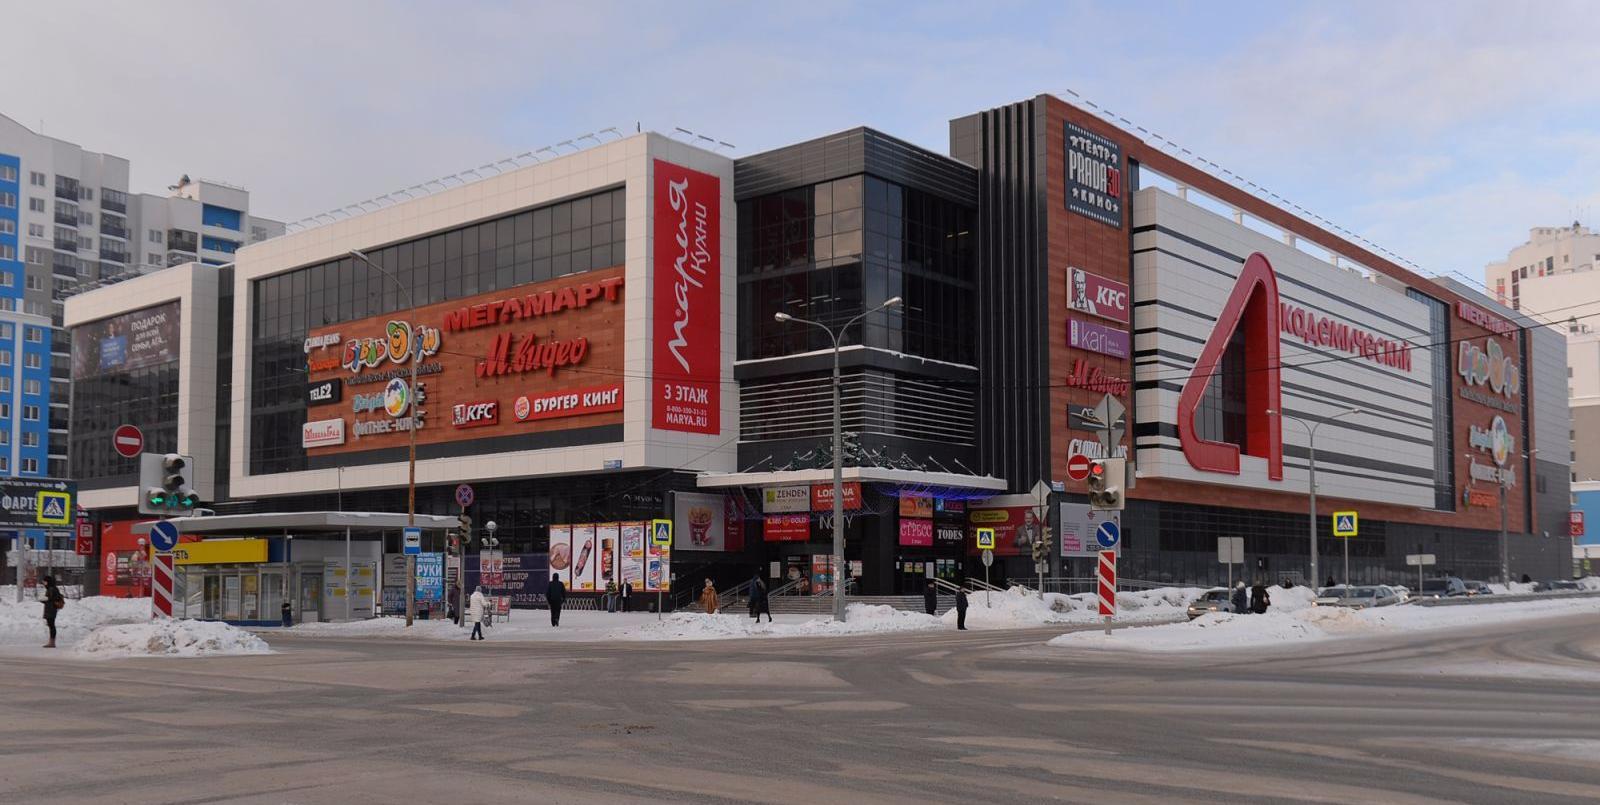 ТРЦ «Академический» - самый крупный районный ТРЦ в Екатеринбурге 9d12c6de10b